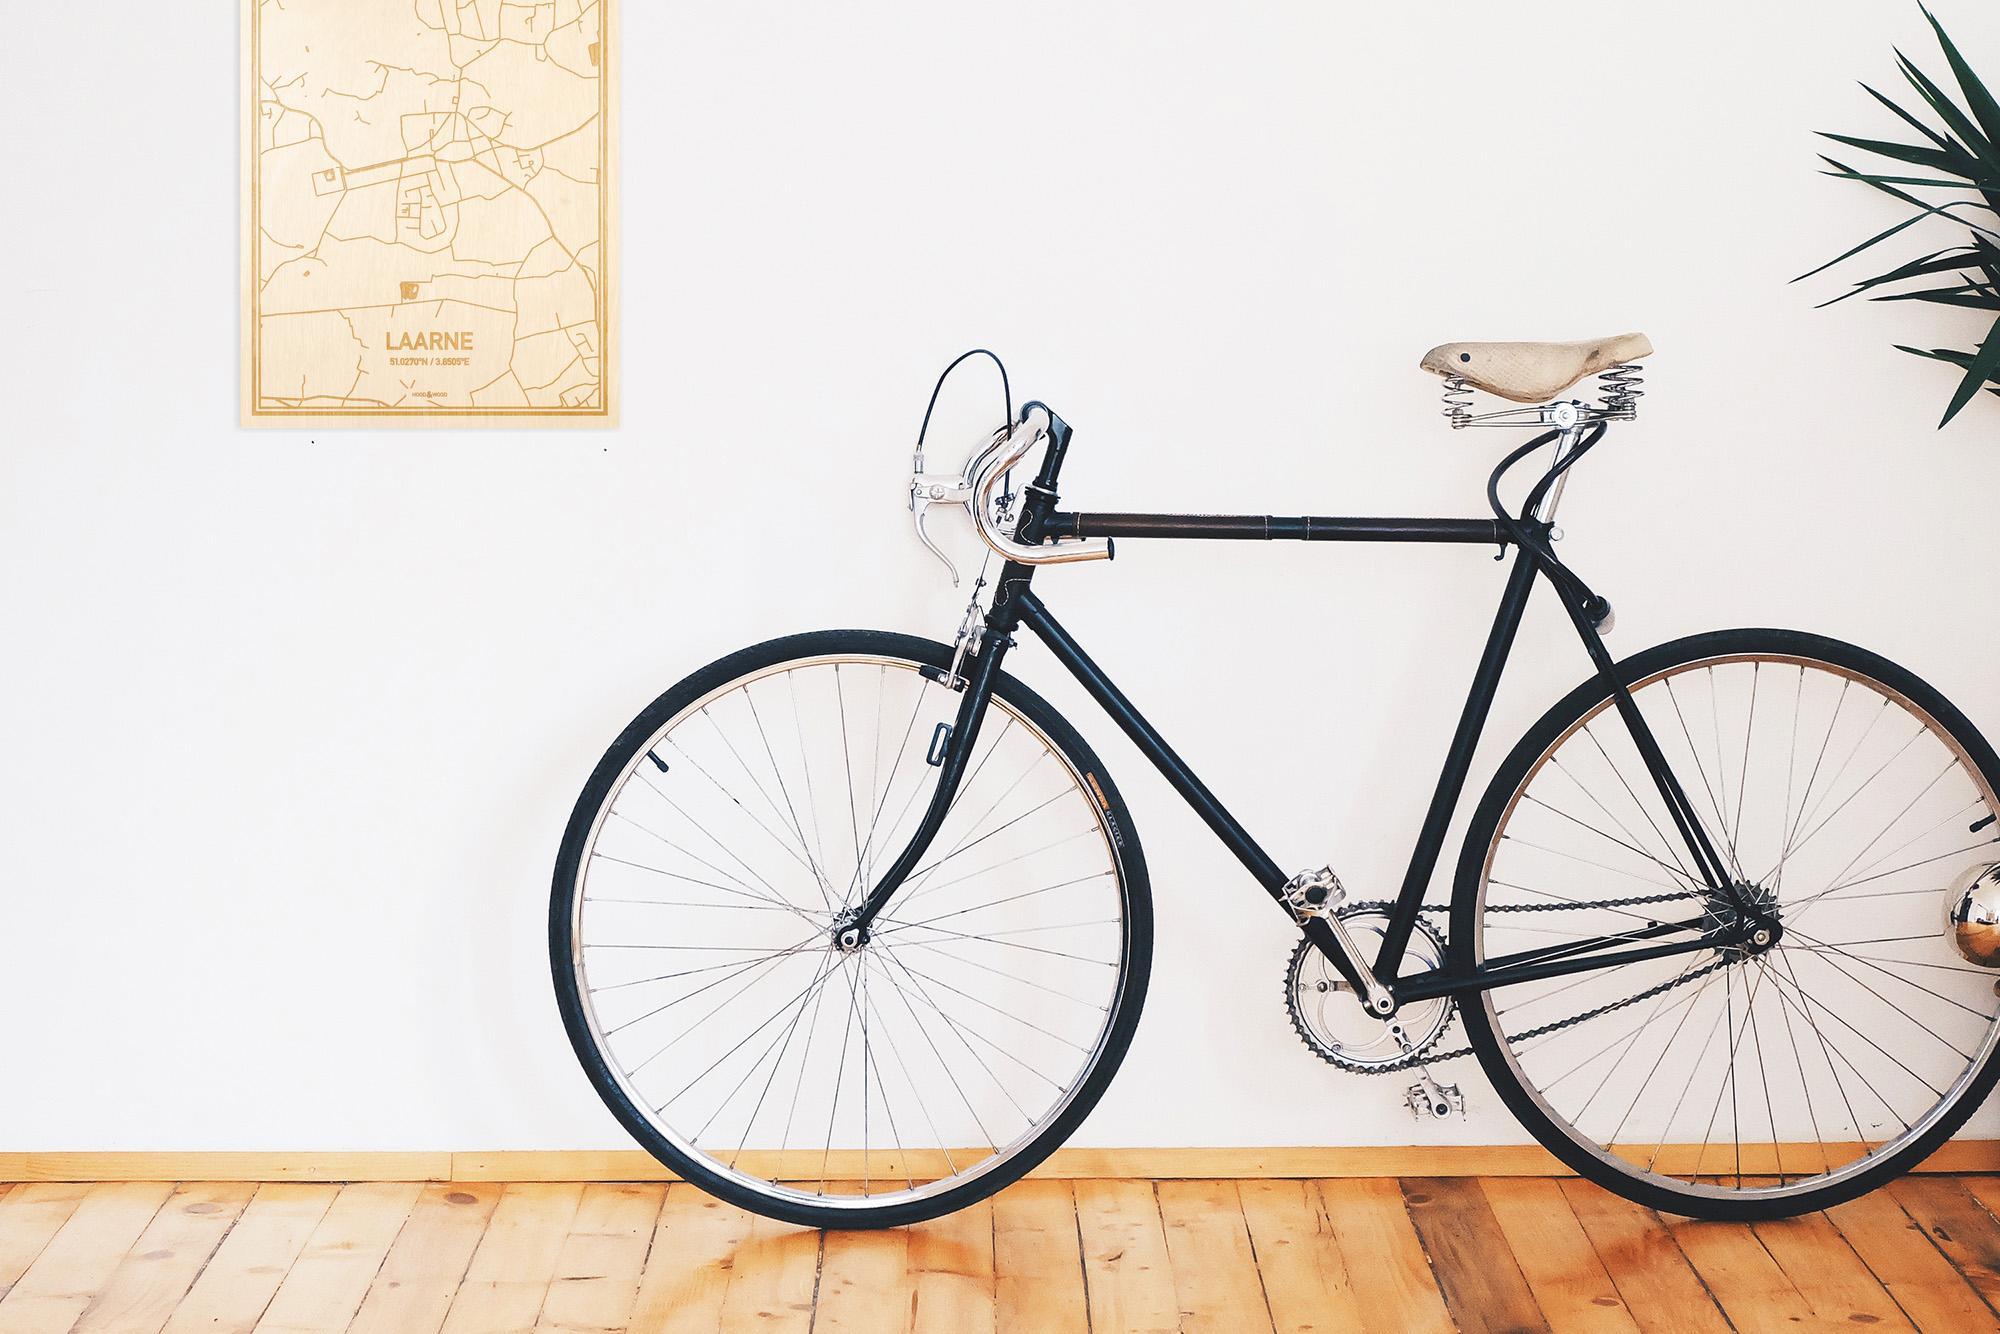 Een snelle fiets in een uniek interieur in Oost-Vlaanderen  met mooie decoratie zoals de plattegrond Laarne.